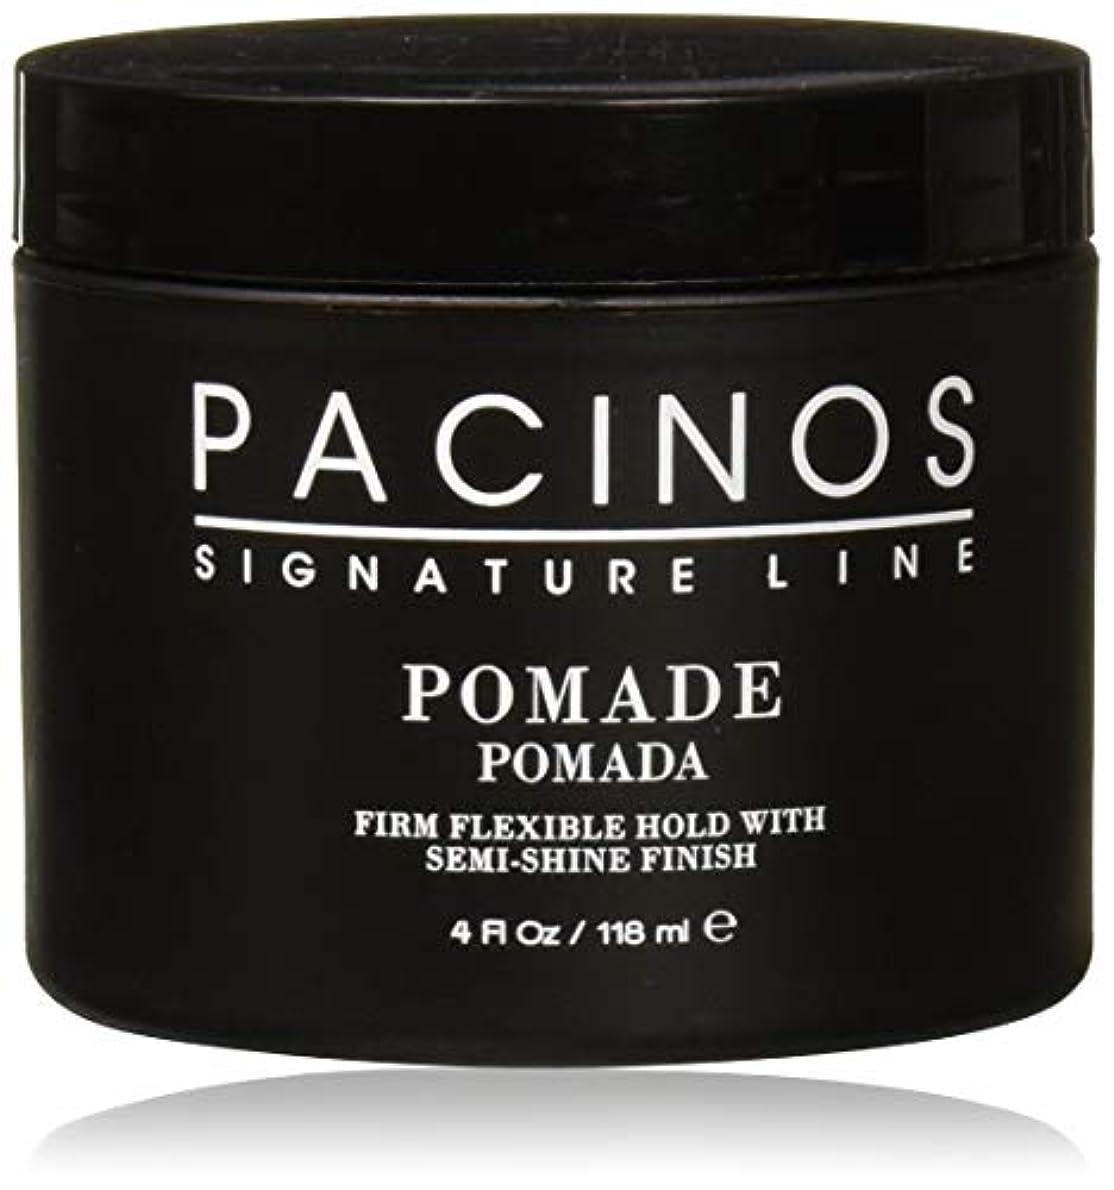 できる否定する立場Pacinos Pomade パチーノス?ポマード【日本正規品】4oz(118g)